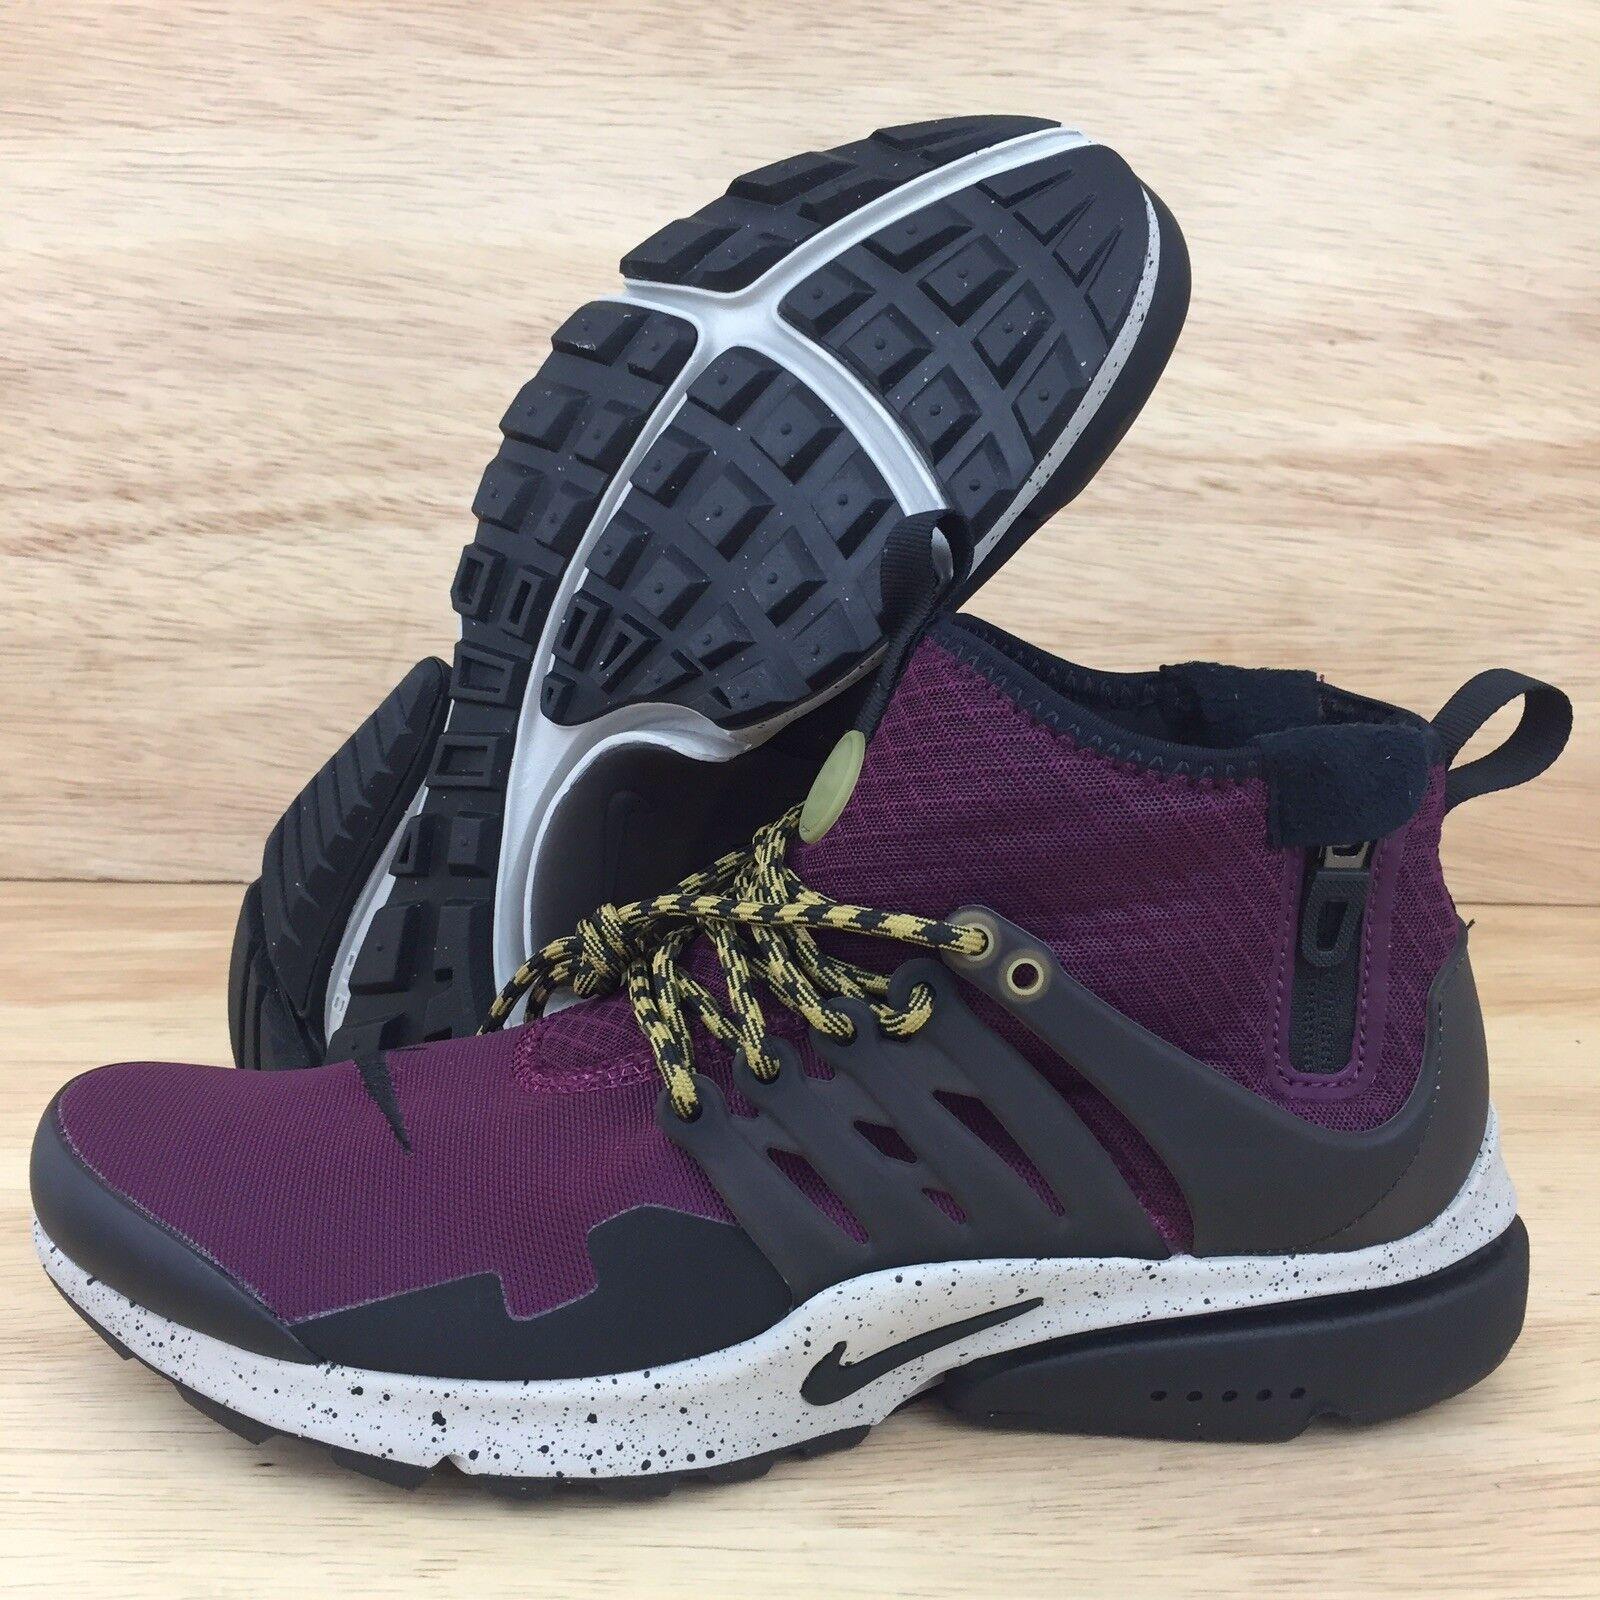 Nike air presto meta di bordeaux pallido grigio nero 859524-600 Uomo sz 9 nuove